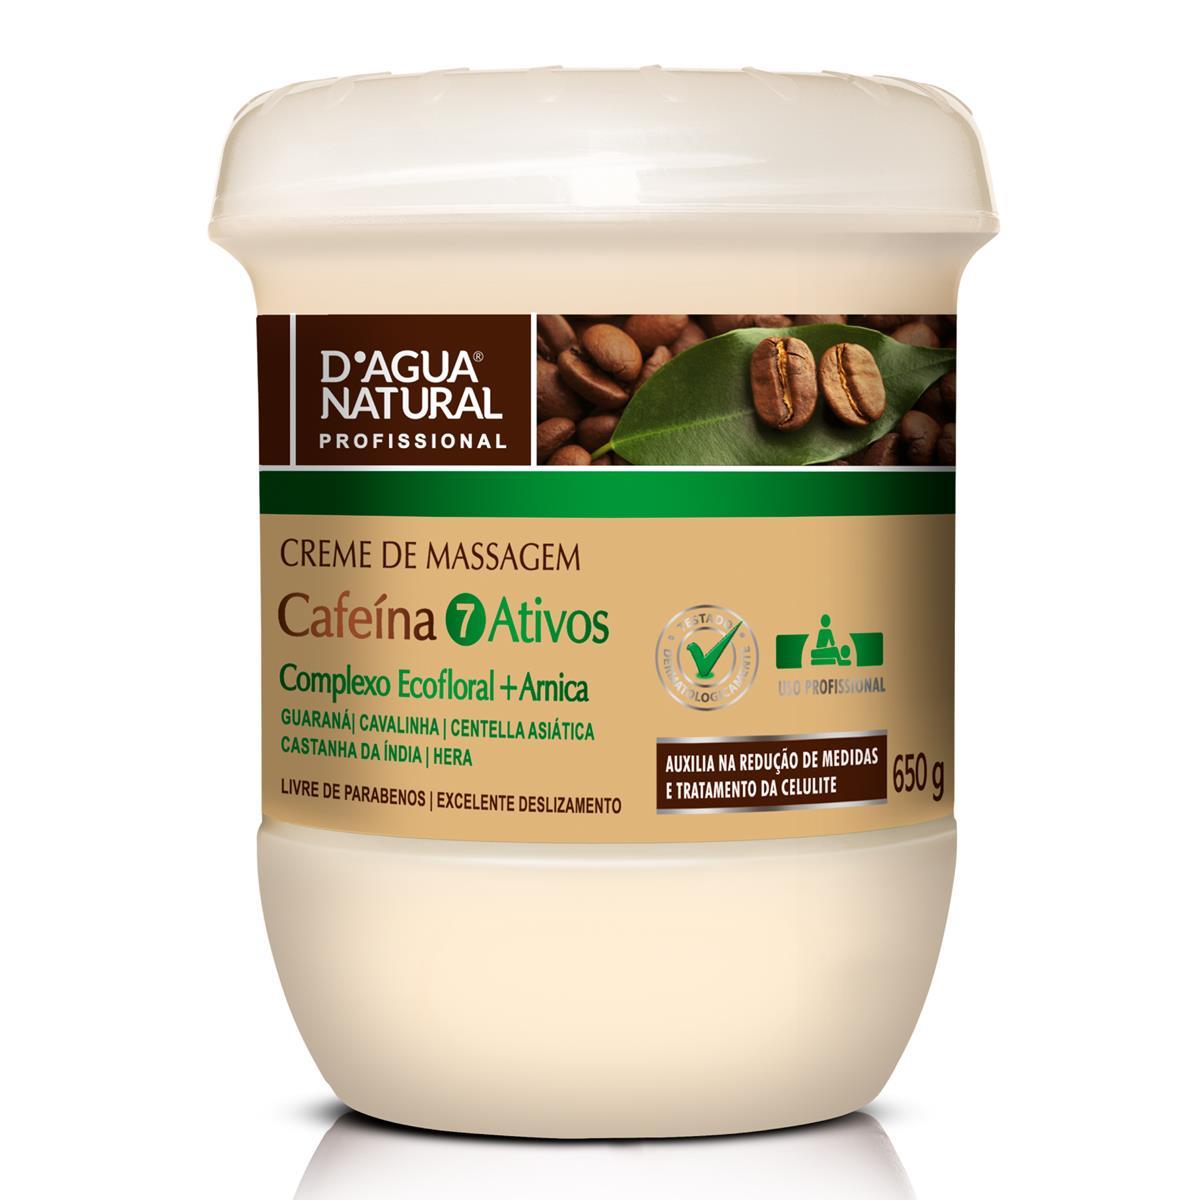 Creme De Massagem Cafeína 7 Ativos - Complexo Eco-Floral E Arnica Para Redução De Medidas E Celulite 650G - D´Agua Natural